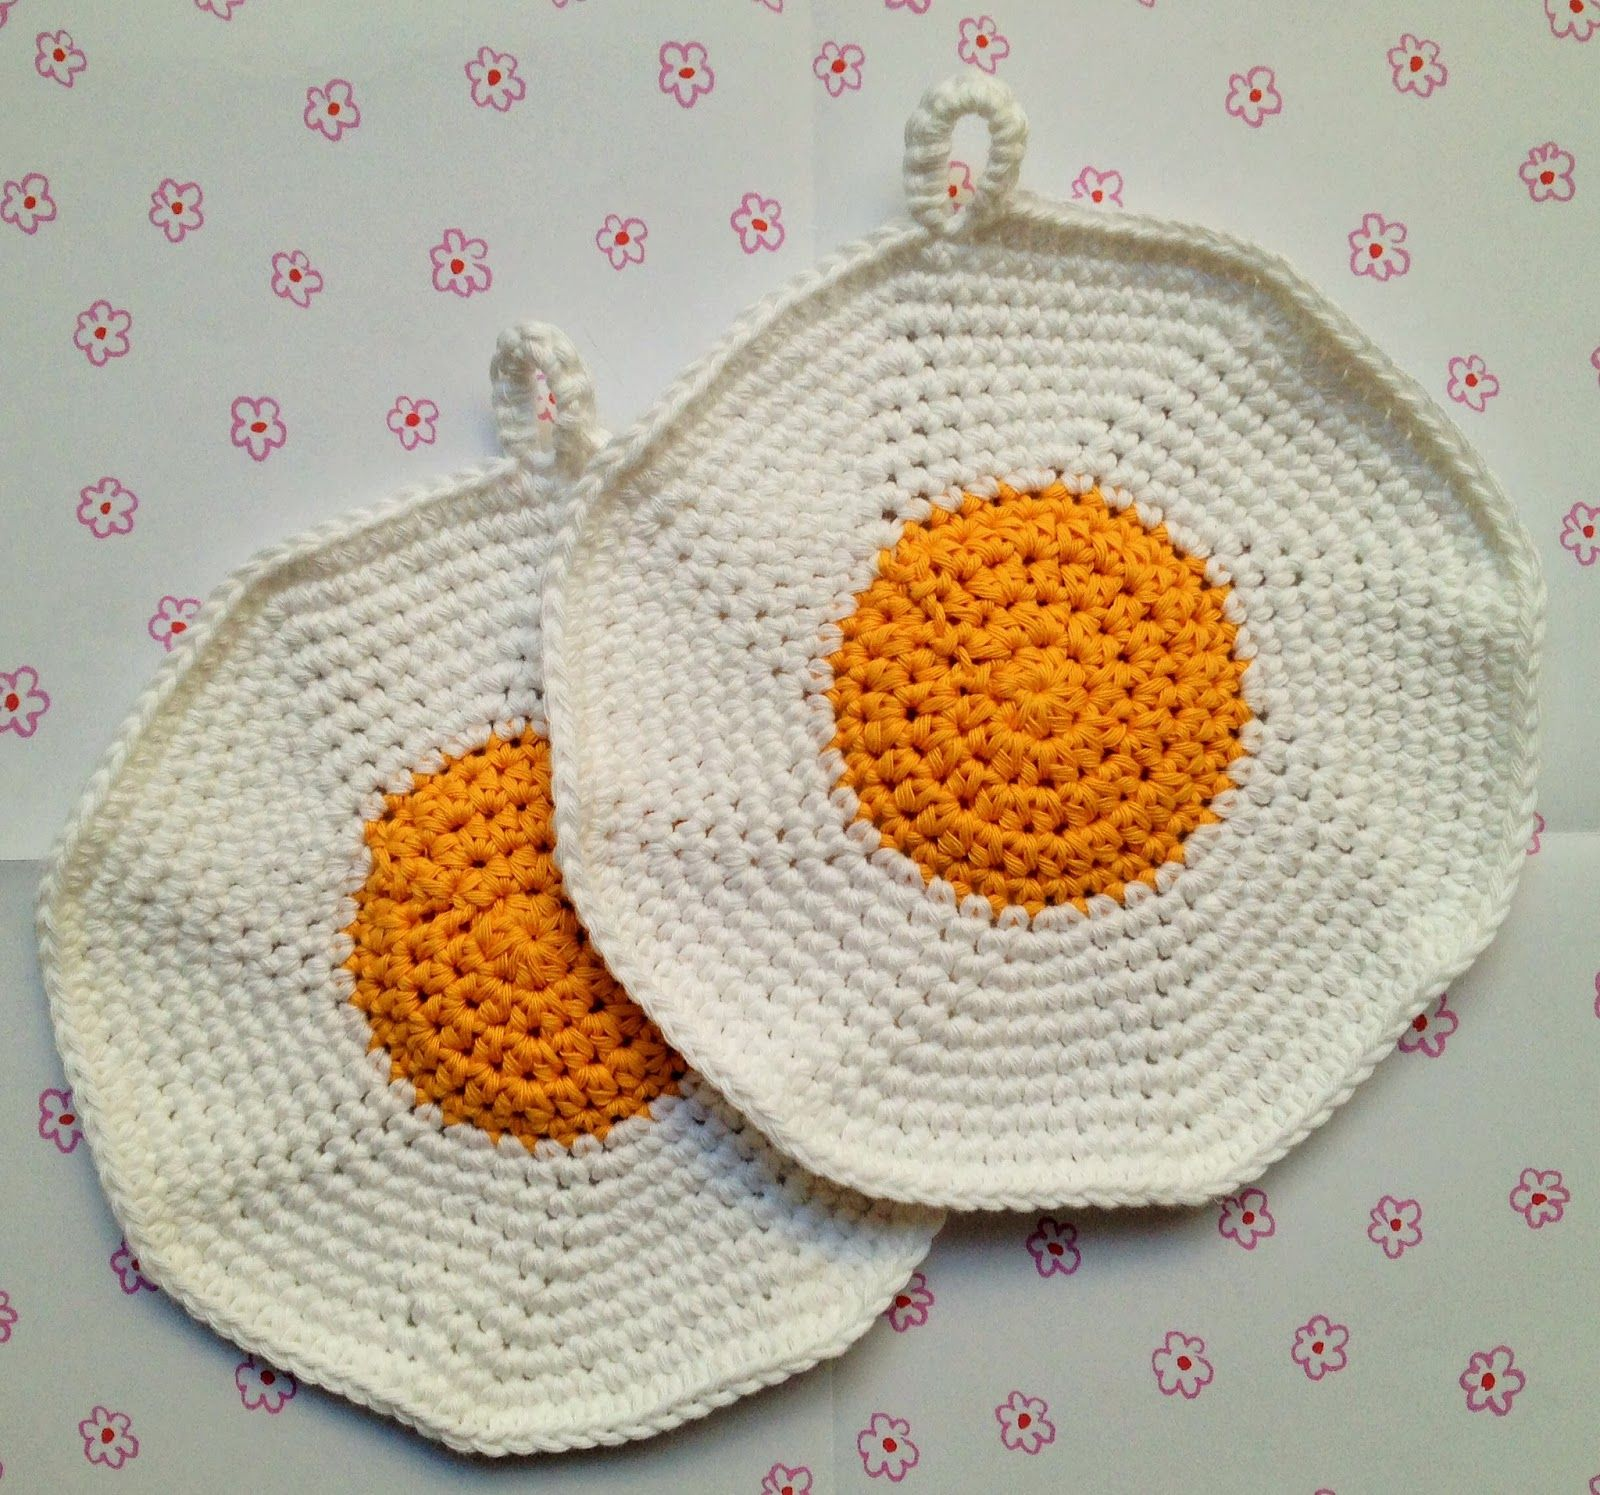 Fried Eggs Crochet Potholders